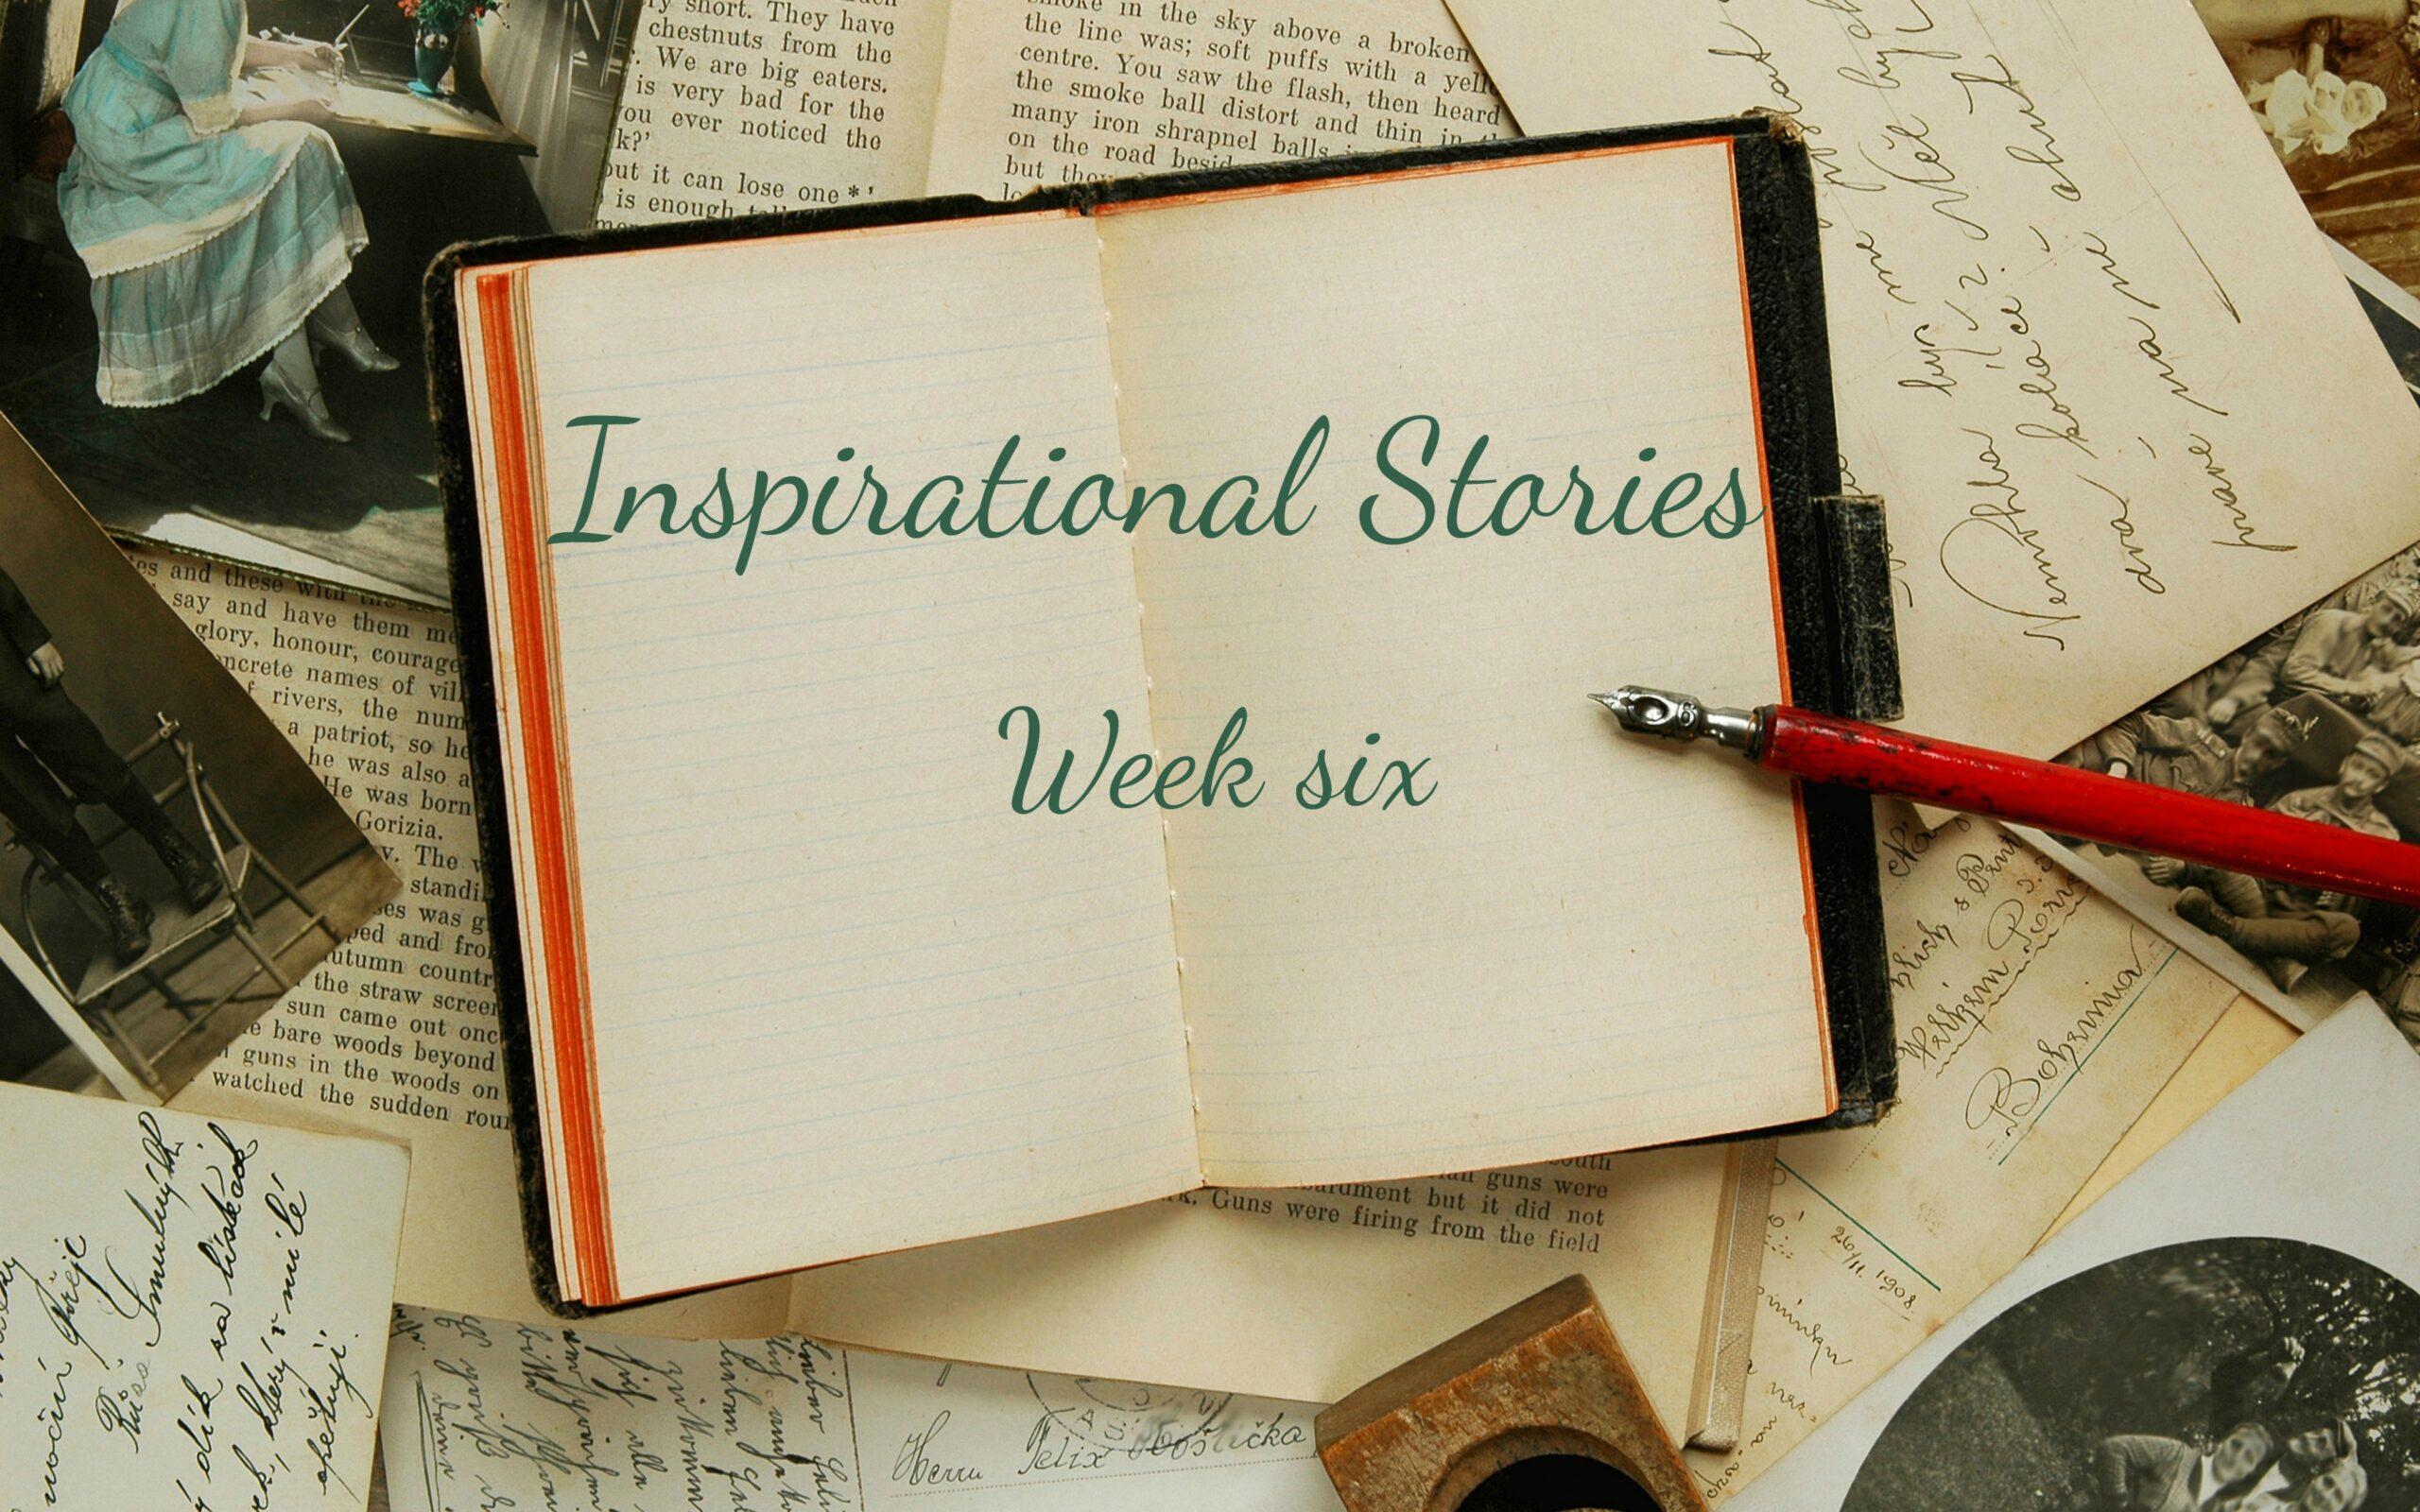 inspirational stores week six written over a book